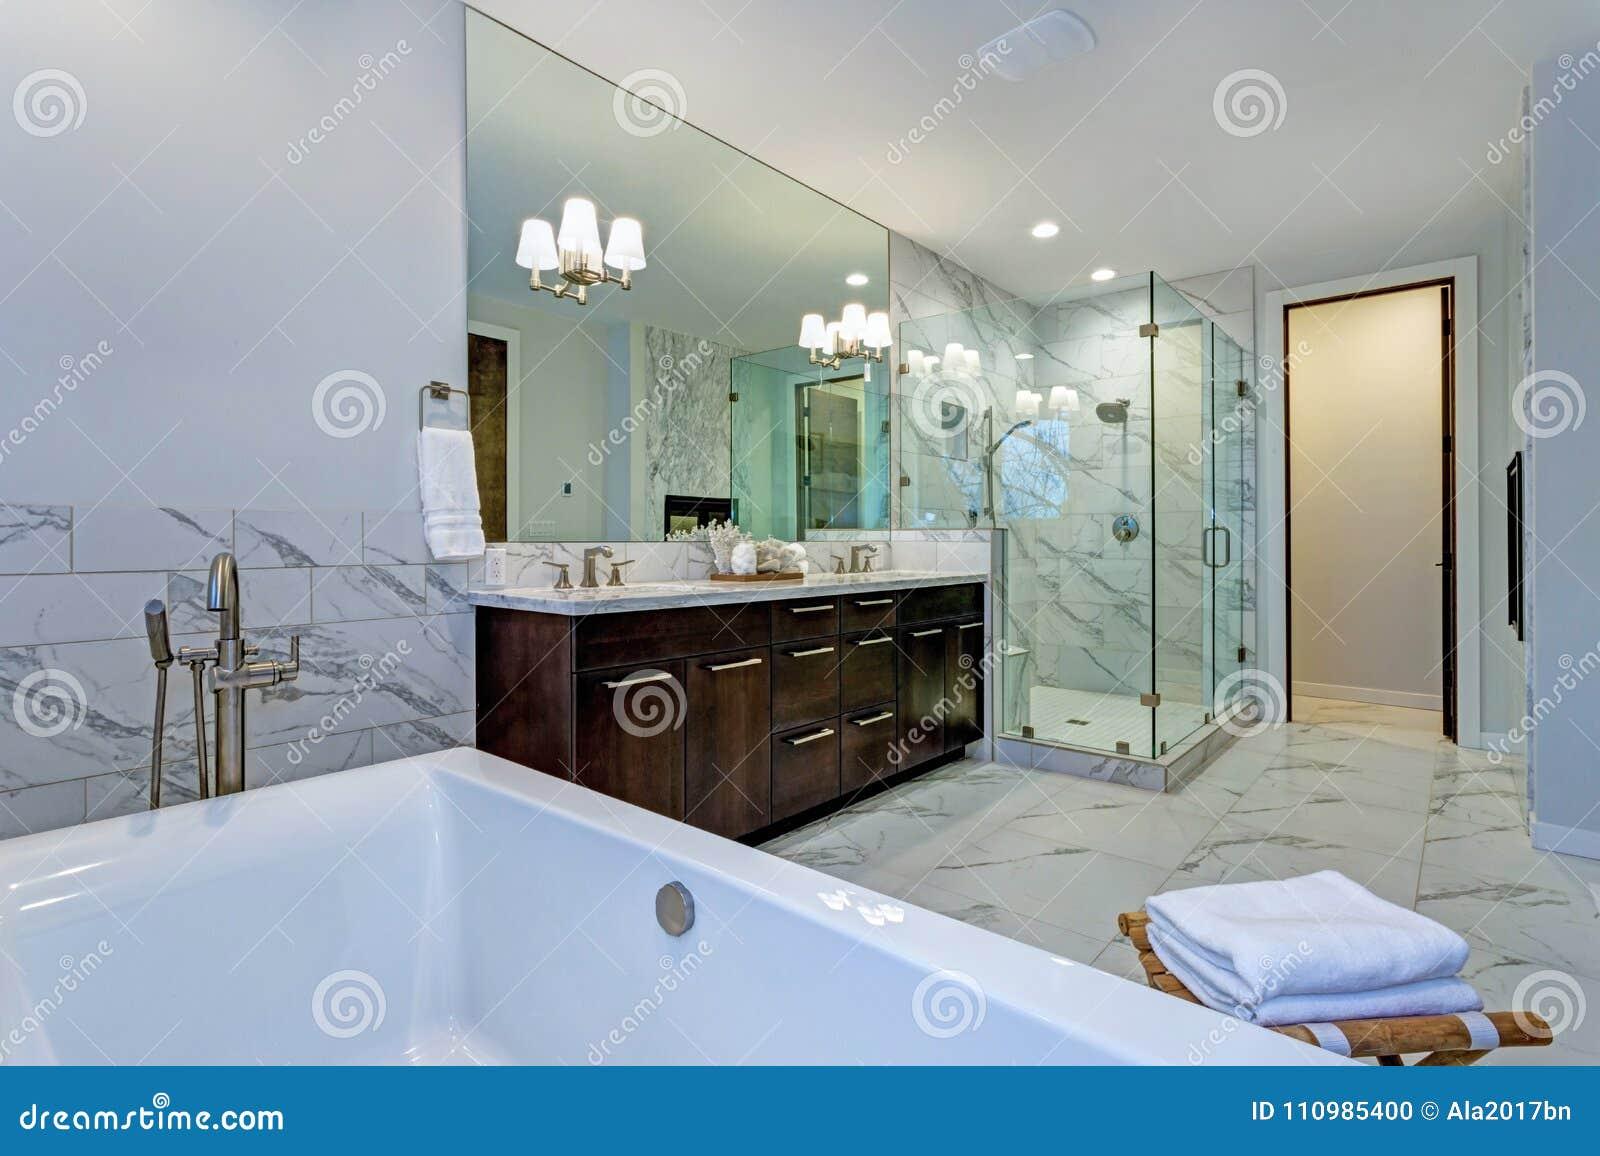 Unglaubliches Marmorbadezimmer mit Kamin